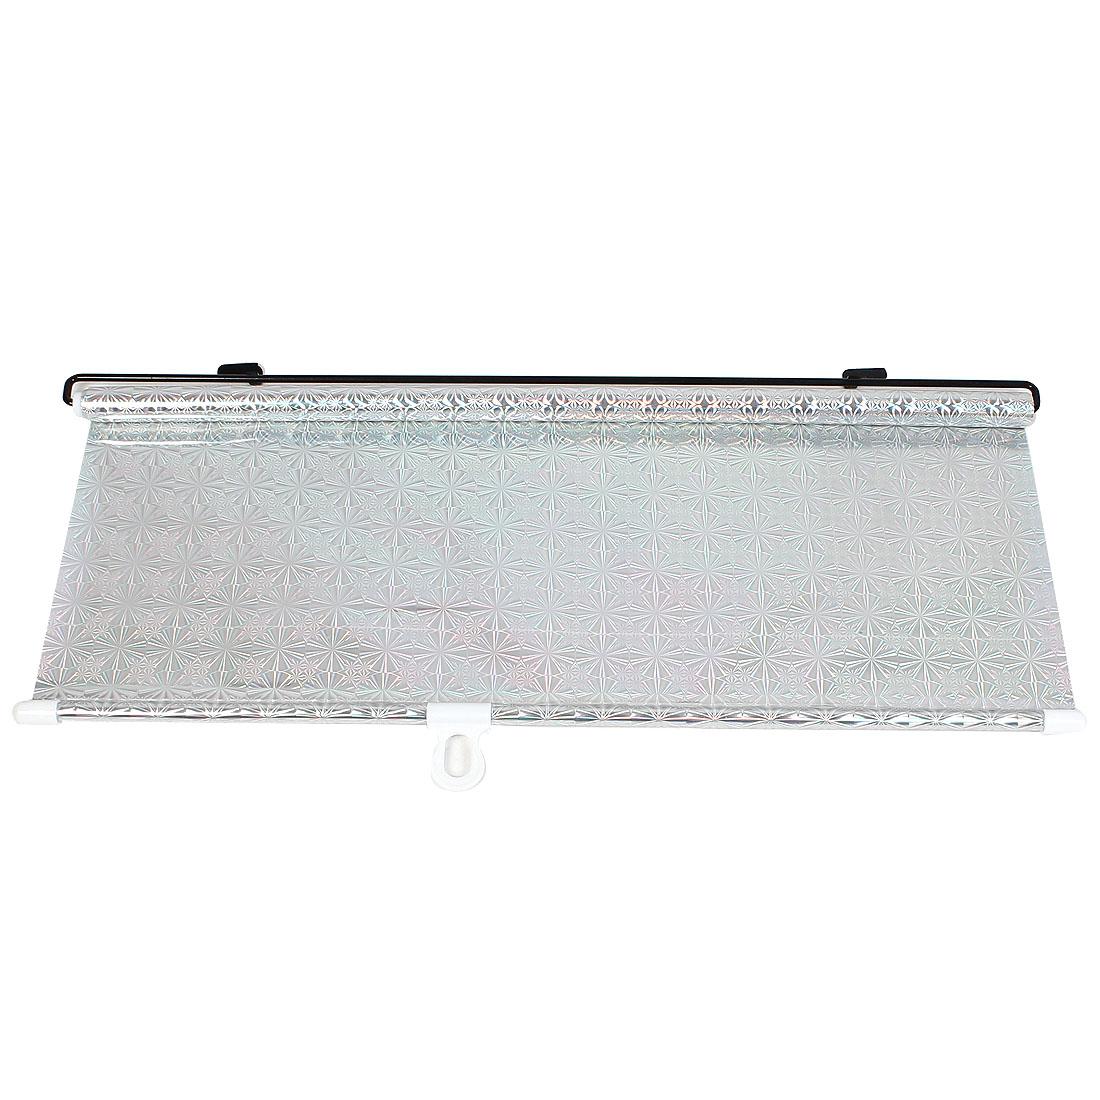 Vehicle Car Reflective Sunshield Sun Shade Protector Silver Tone 125cm x 50cm